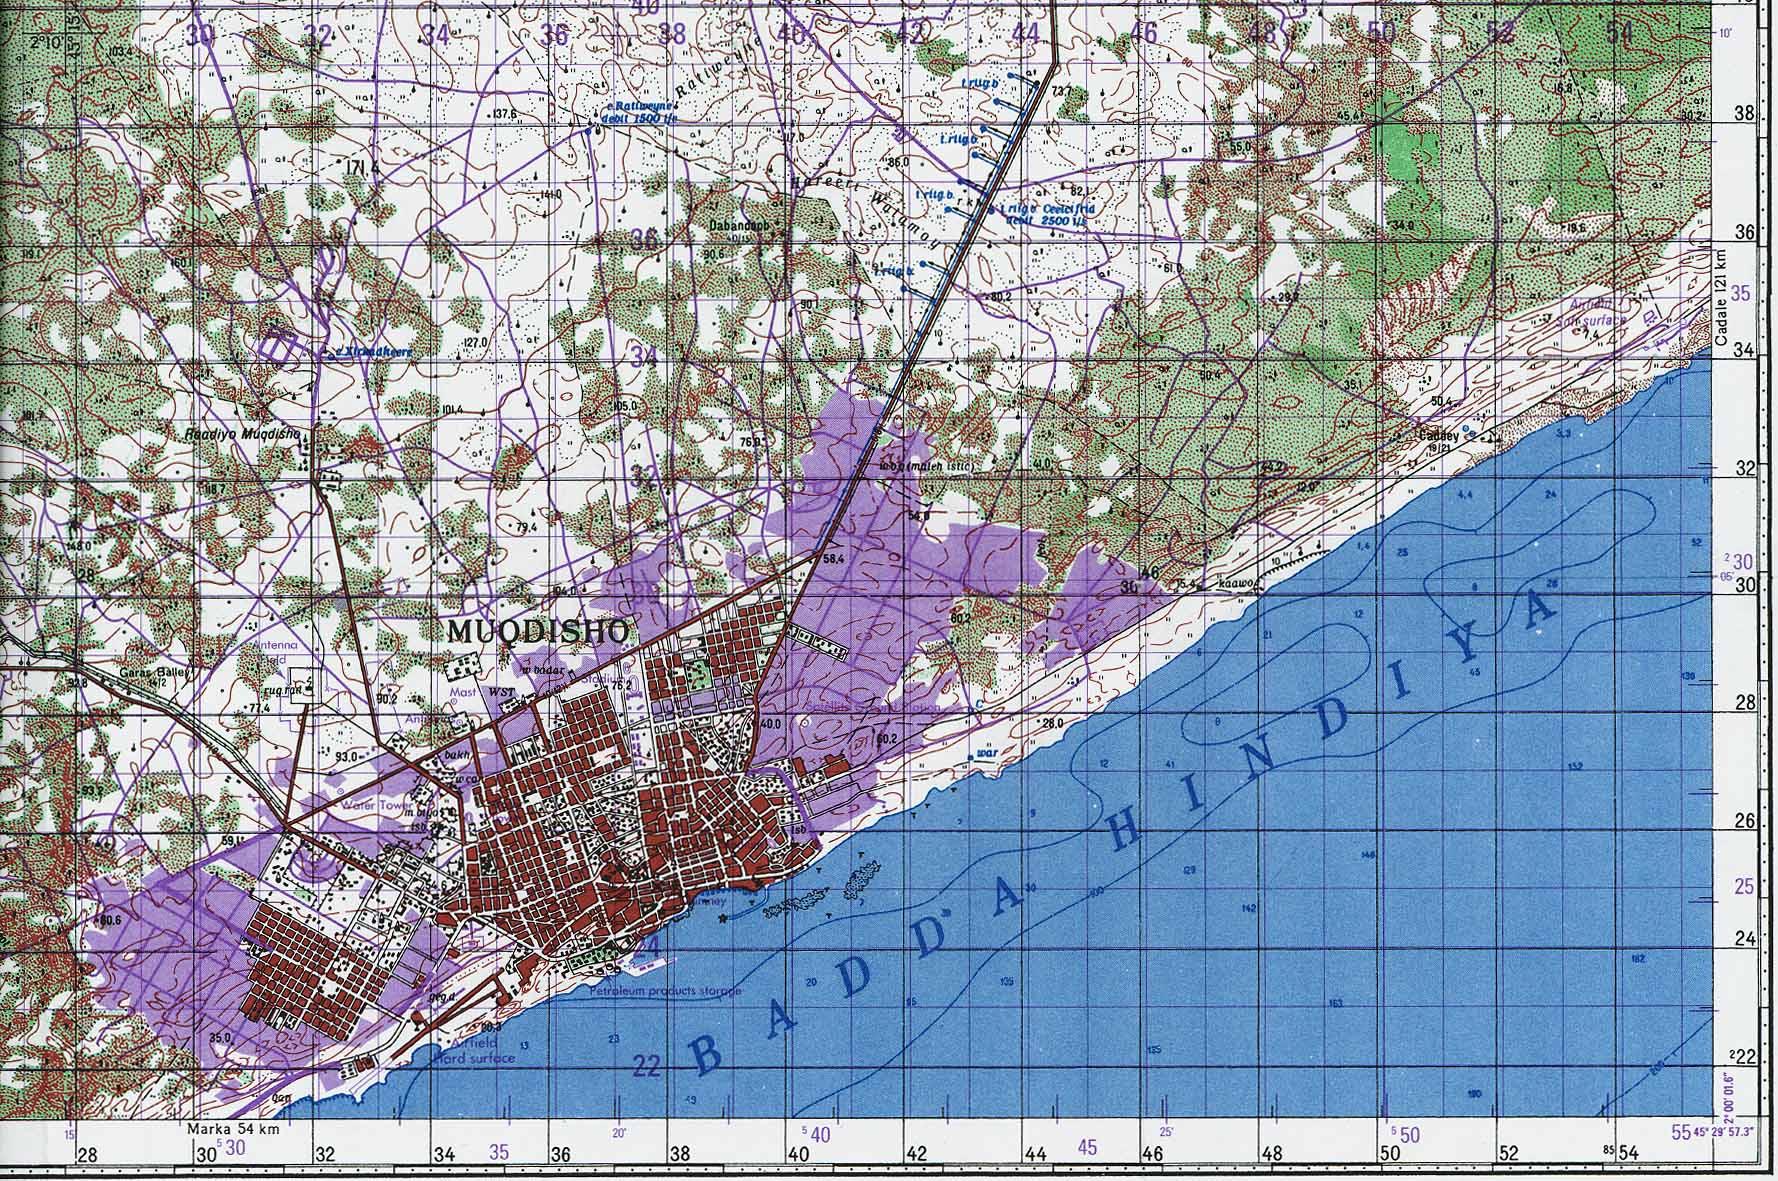 Mapa Topográfico de Mogadiscio, Somalia